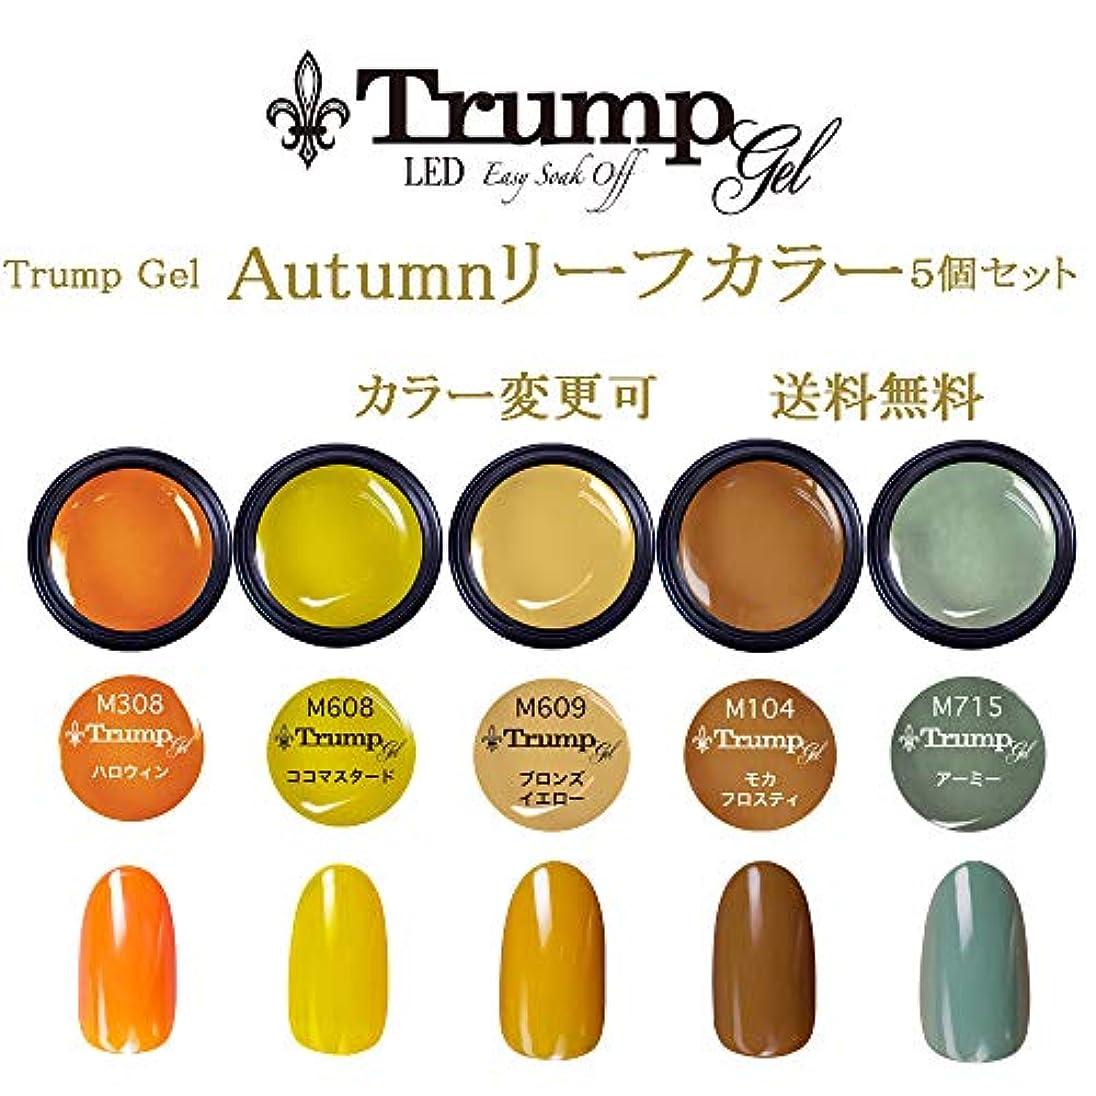 石灰岩出席本気【送料無料】日本製 Trump gel トランプジェル オータムリーフカラー 選べる カラージェル 5個セット オータムネイル ベージュ ブラウン マスタード カラー